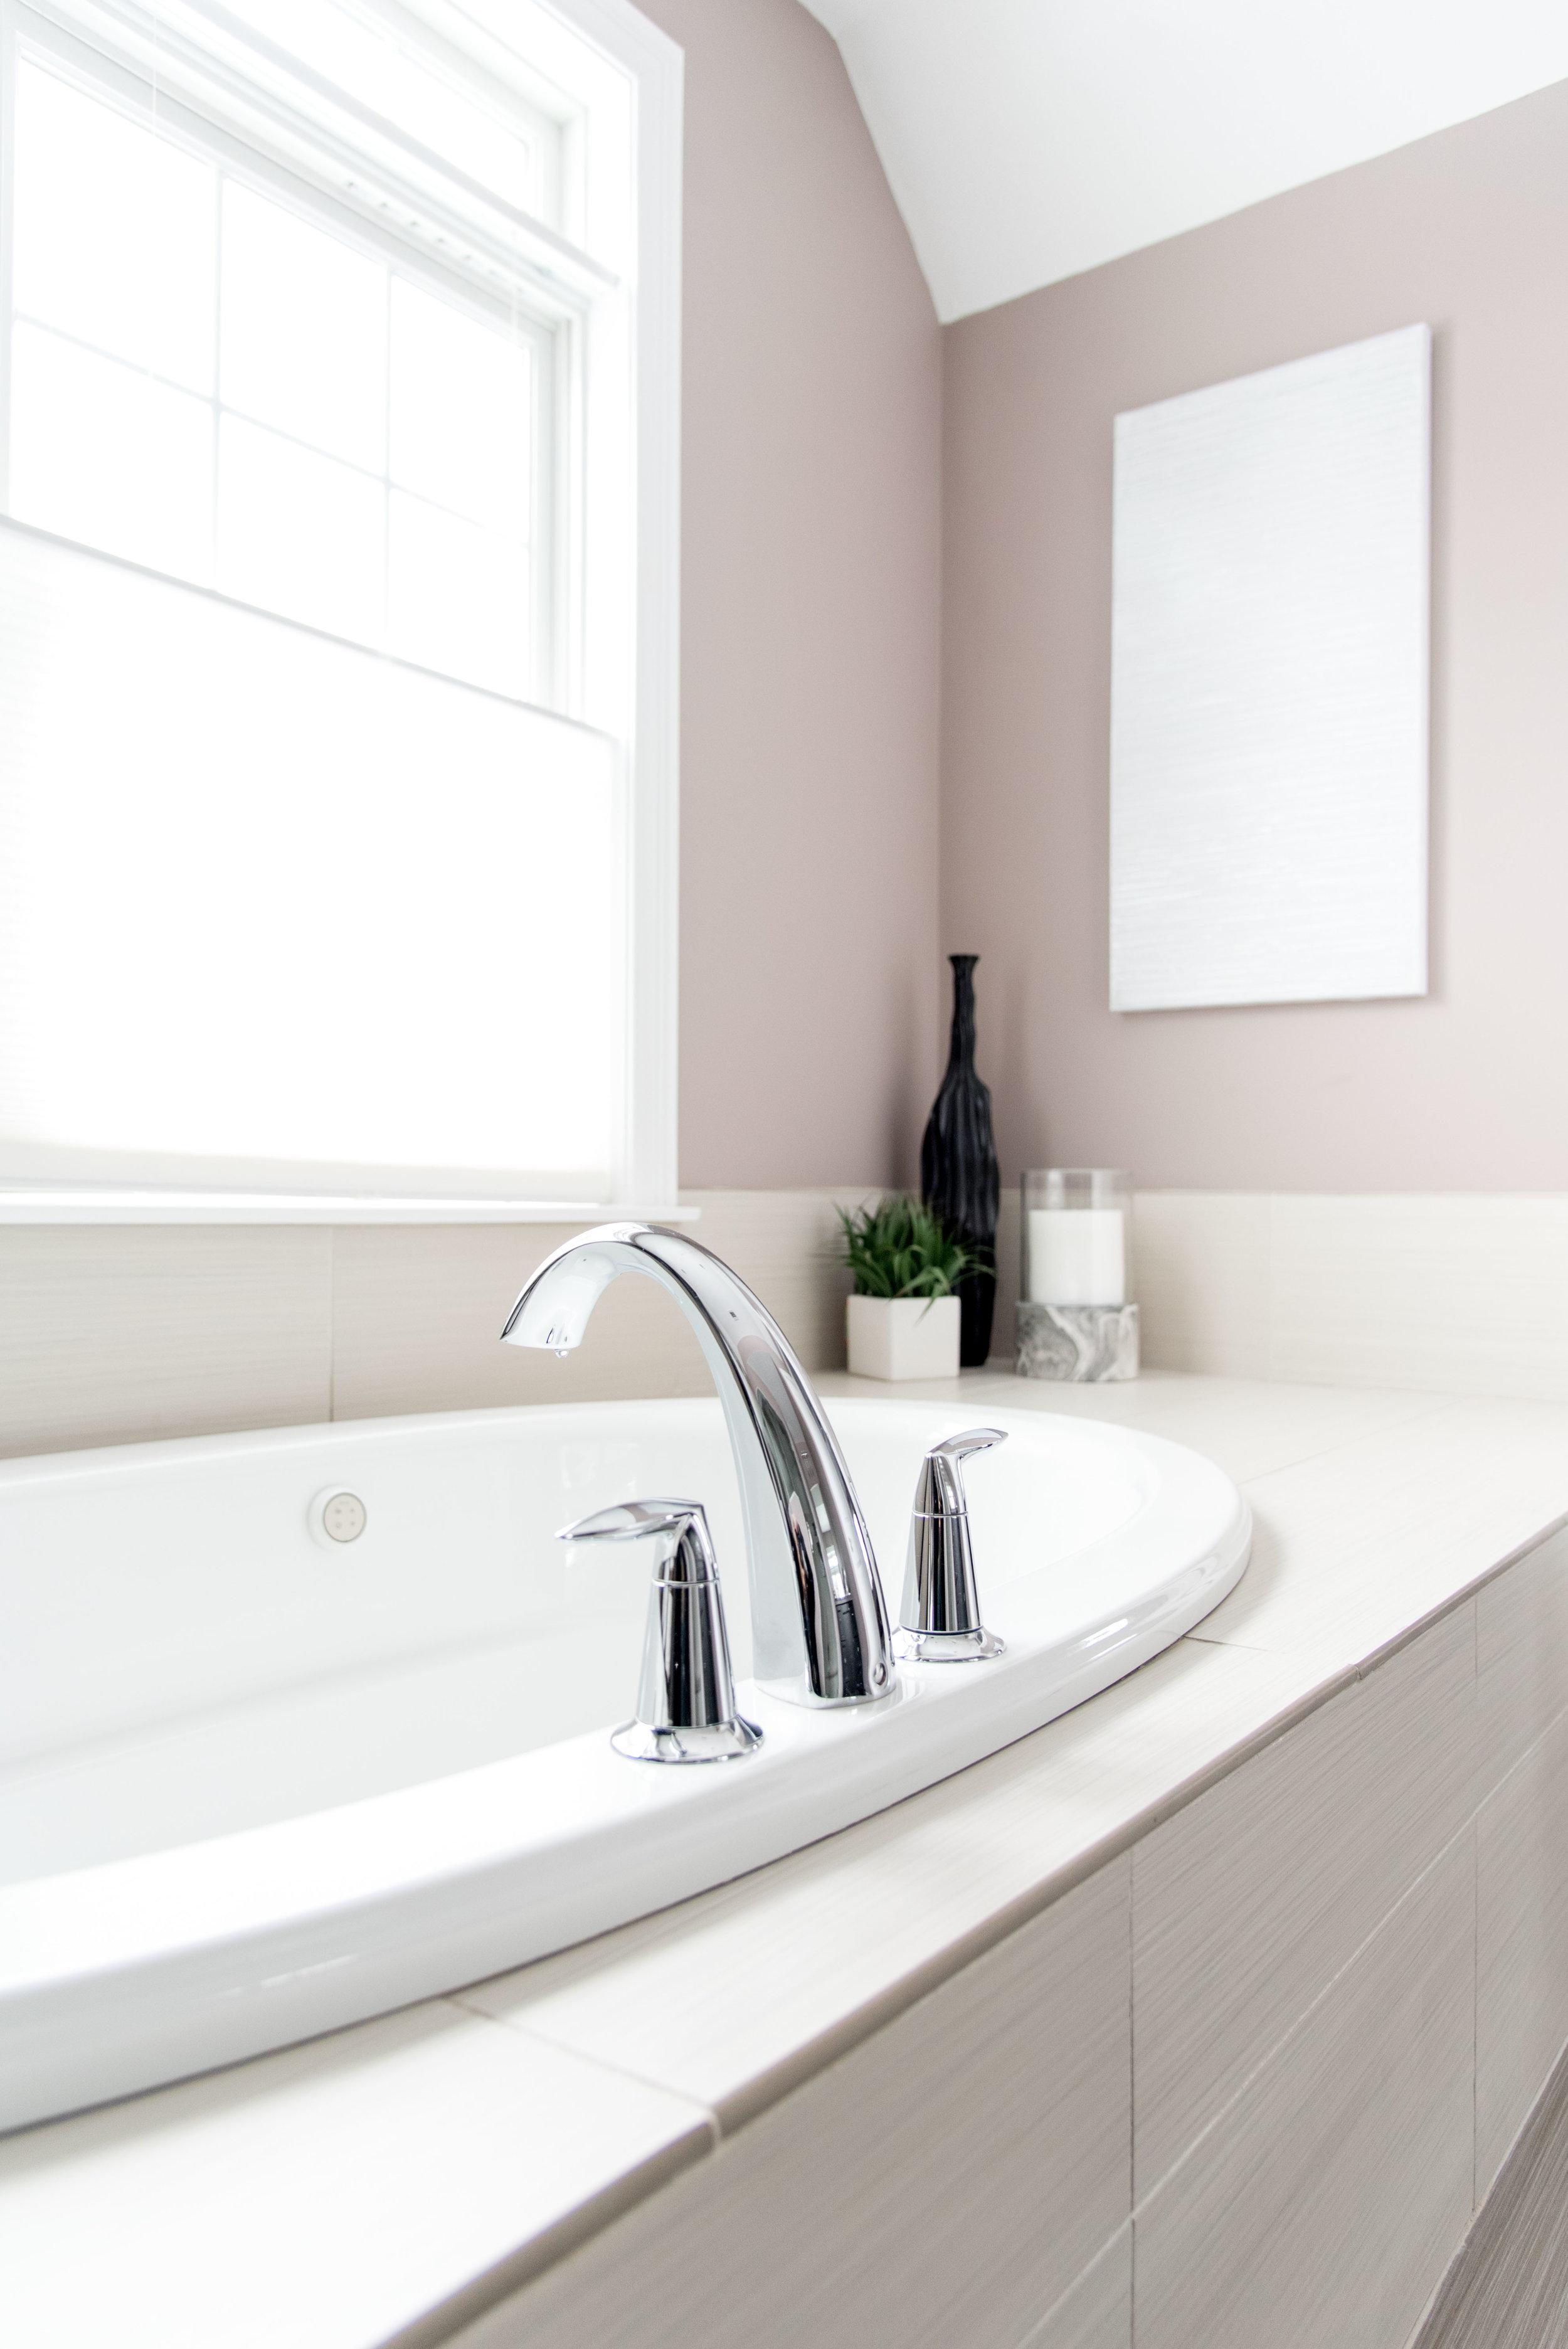 INTERIOR DESIGN BOSTON GINA BARAN INTERIORS AND DESIGN BEST NEWBURYPORT DESIGNERS BATHROOM